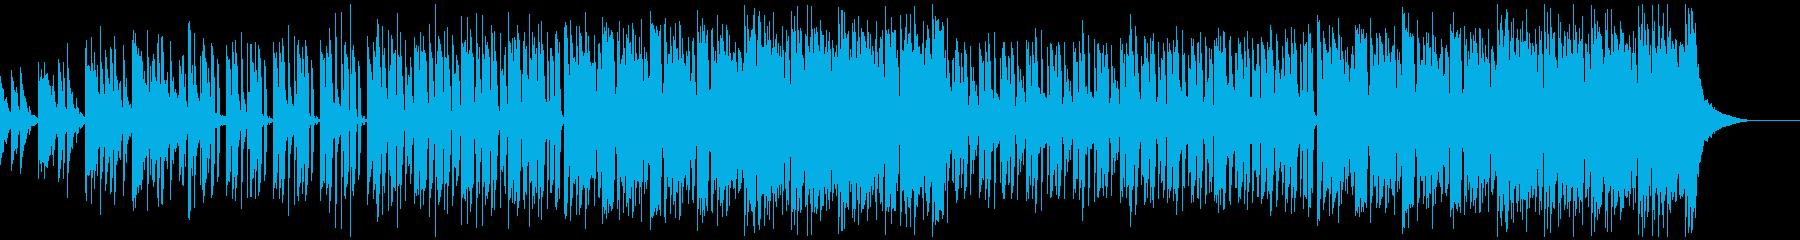 ミドルテンポの爽やかEDMの再生済みの波形